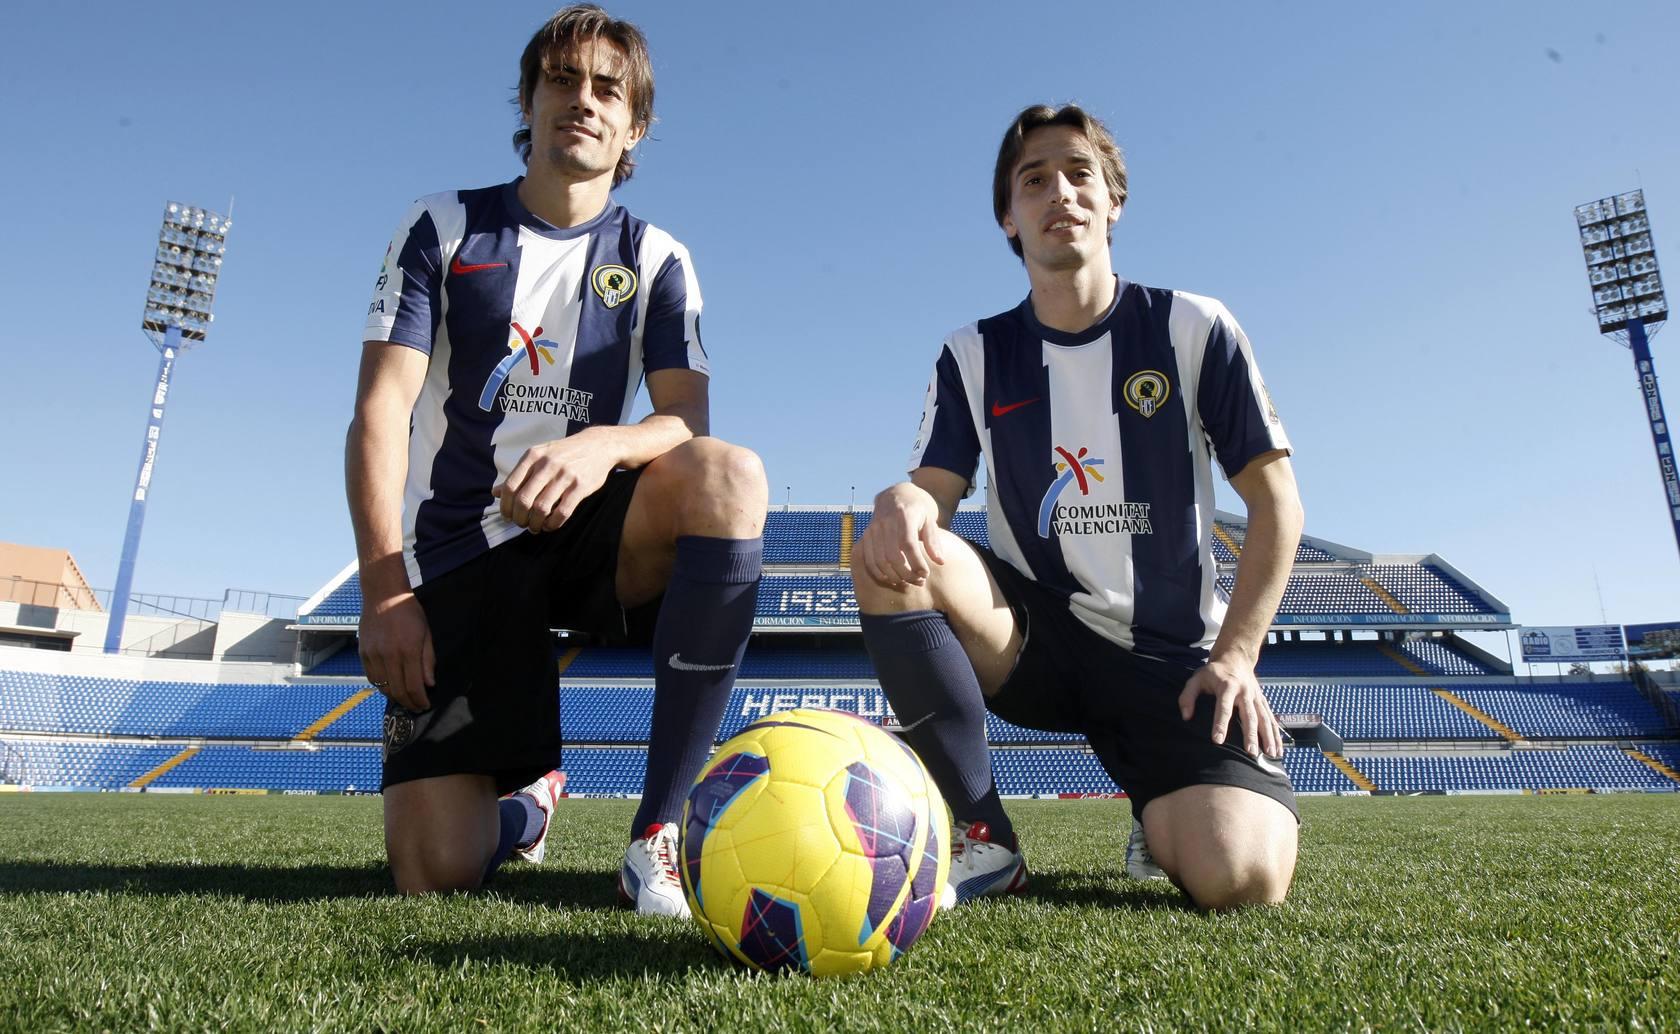 Presentación de David Cortés y Javito como nuevos jugadores del Hércules